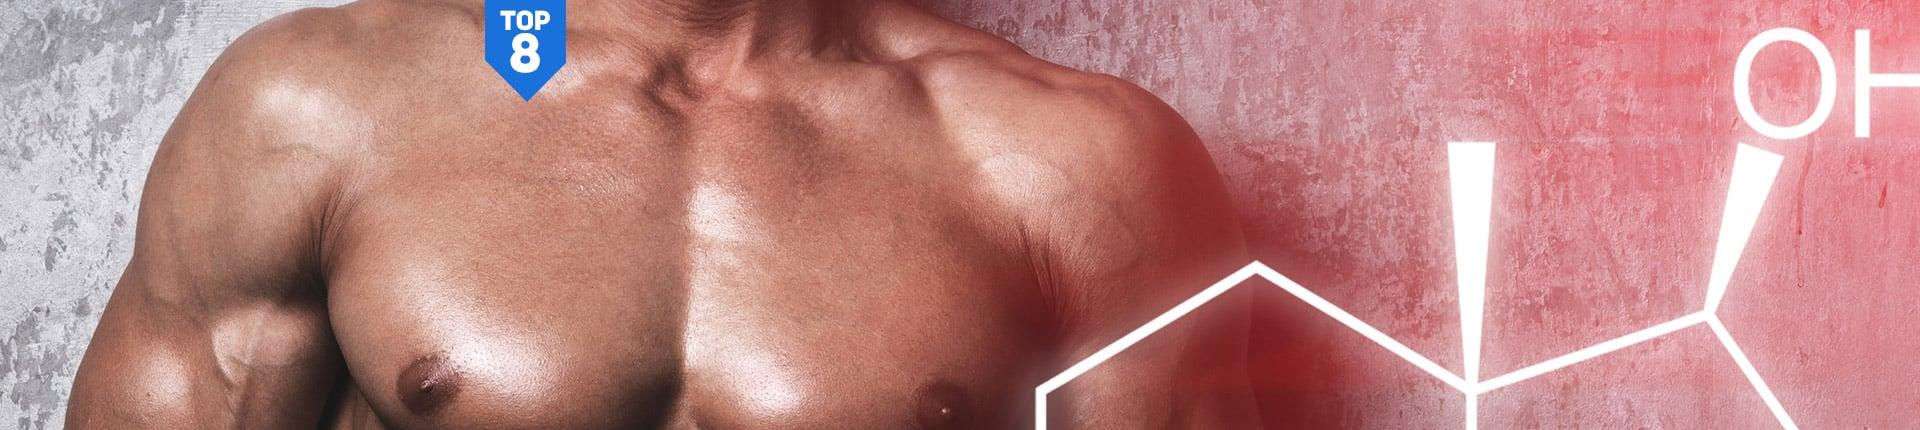 Ranking boosterów testosteronu - Najlepsze boostery testosteronu